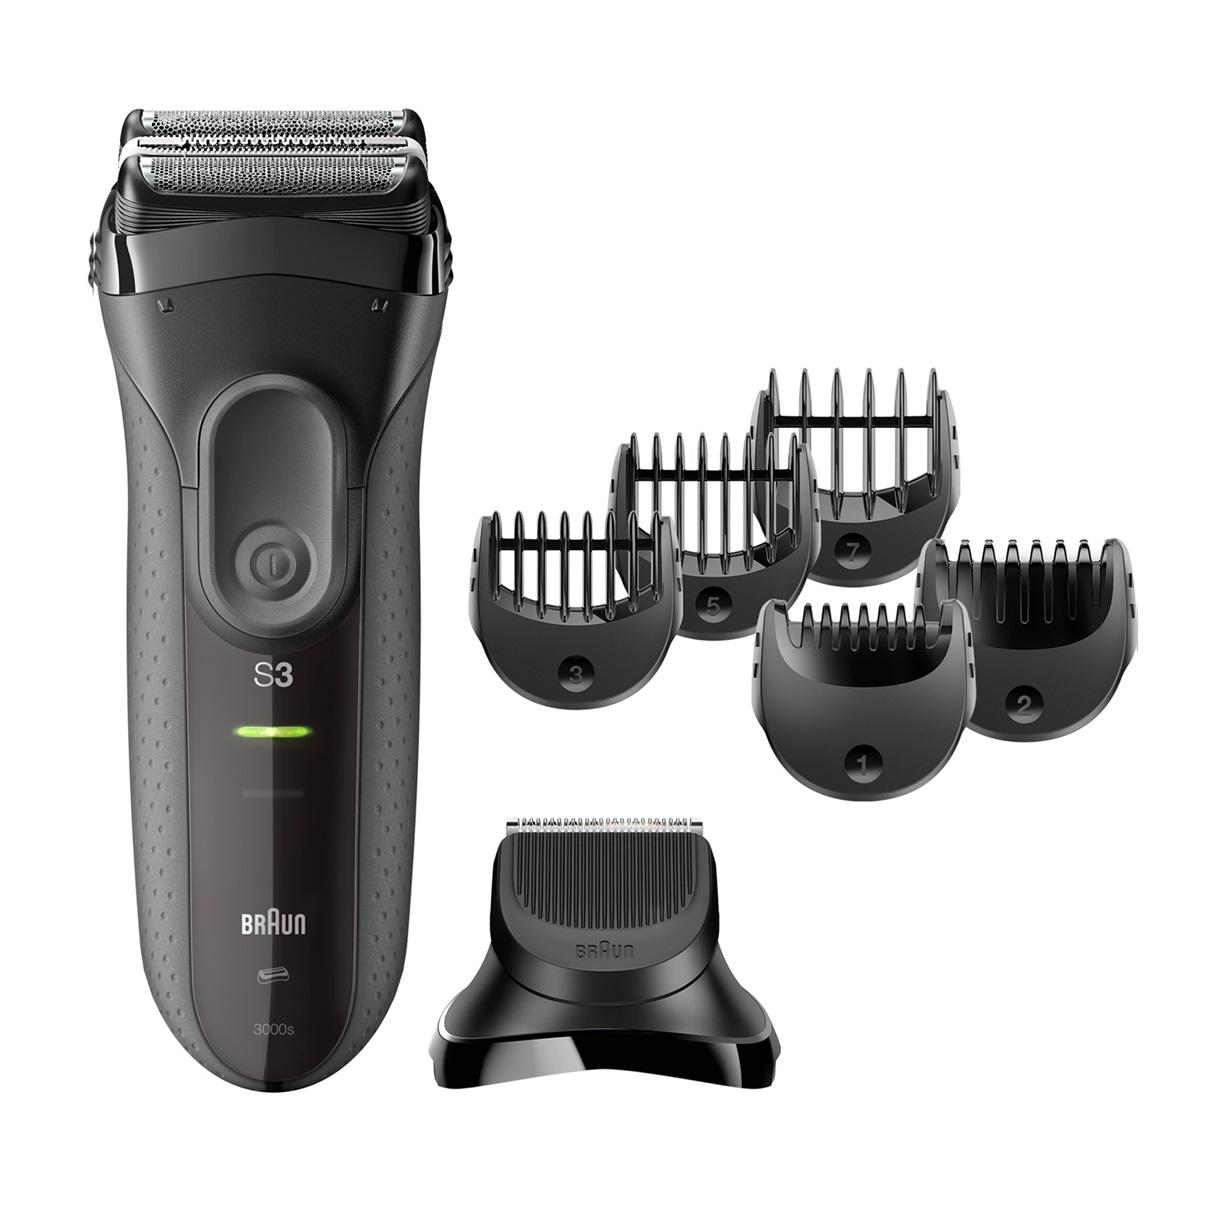 Braun Rasoio Series 3 Shave&Style 3000BT con testina del rifinitore e 5 pettini, Nero